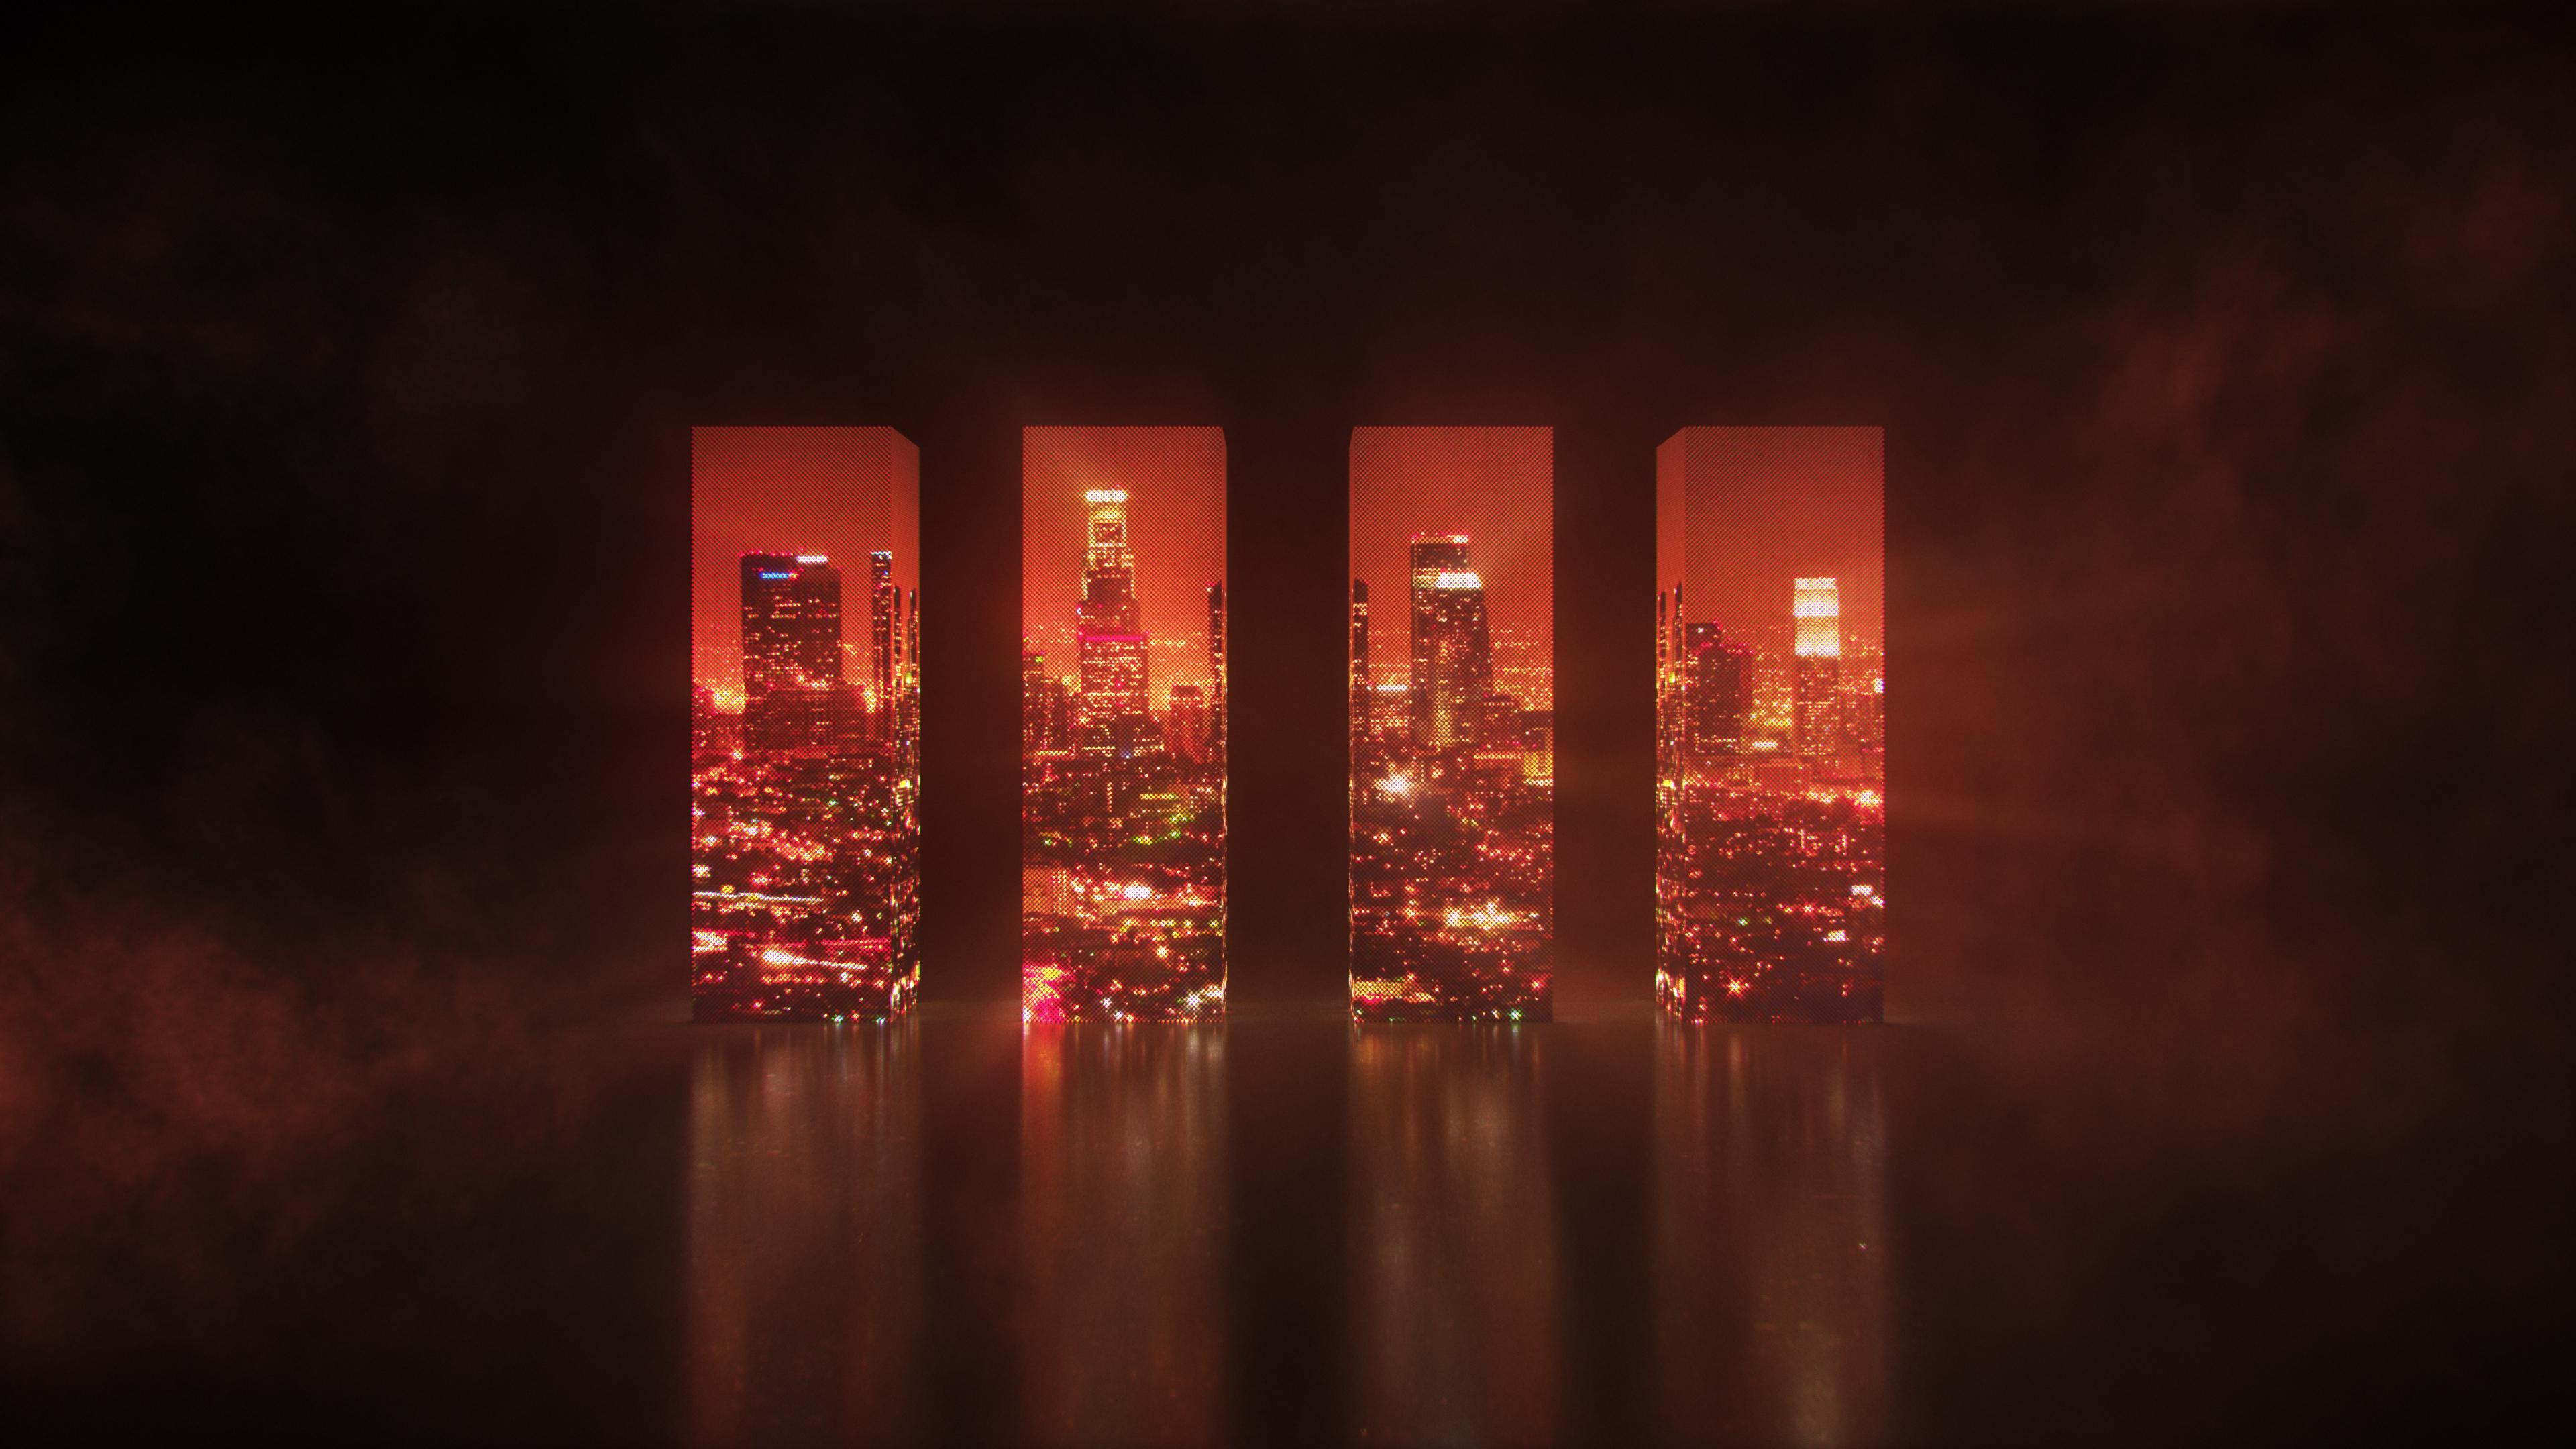 Оригинальность городского пейзажа с архитектурным комплексом зданий в красных лучах заката